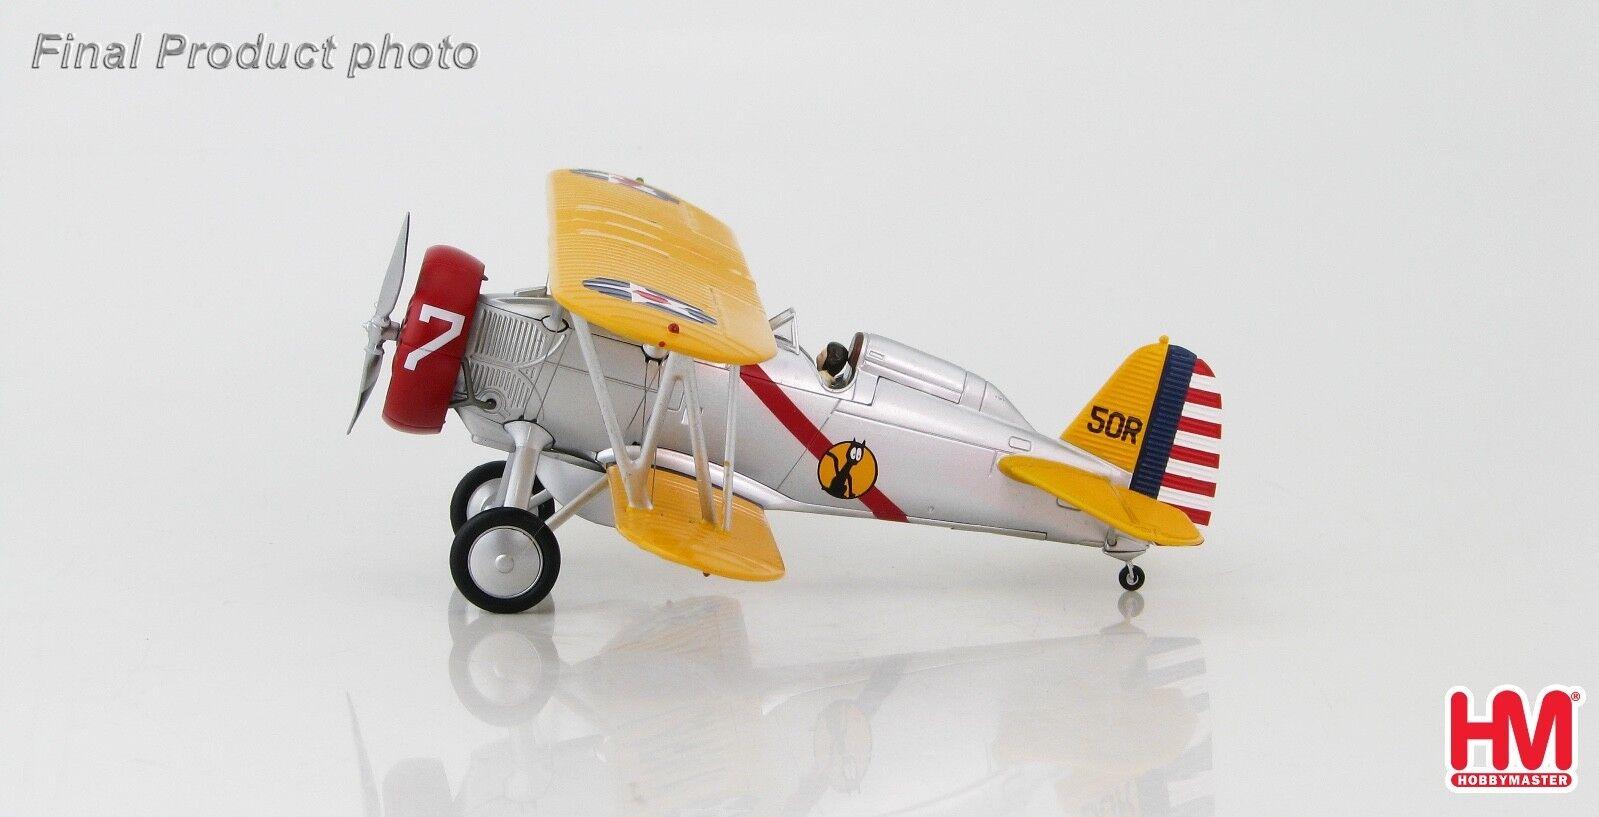 ventas en linea Hobby Master HA7910 1 48 vuelo vuelo vuelo Boeing P-12E 'B' líder's Aircraft 308th ob Sqn.  compras online de deportes